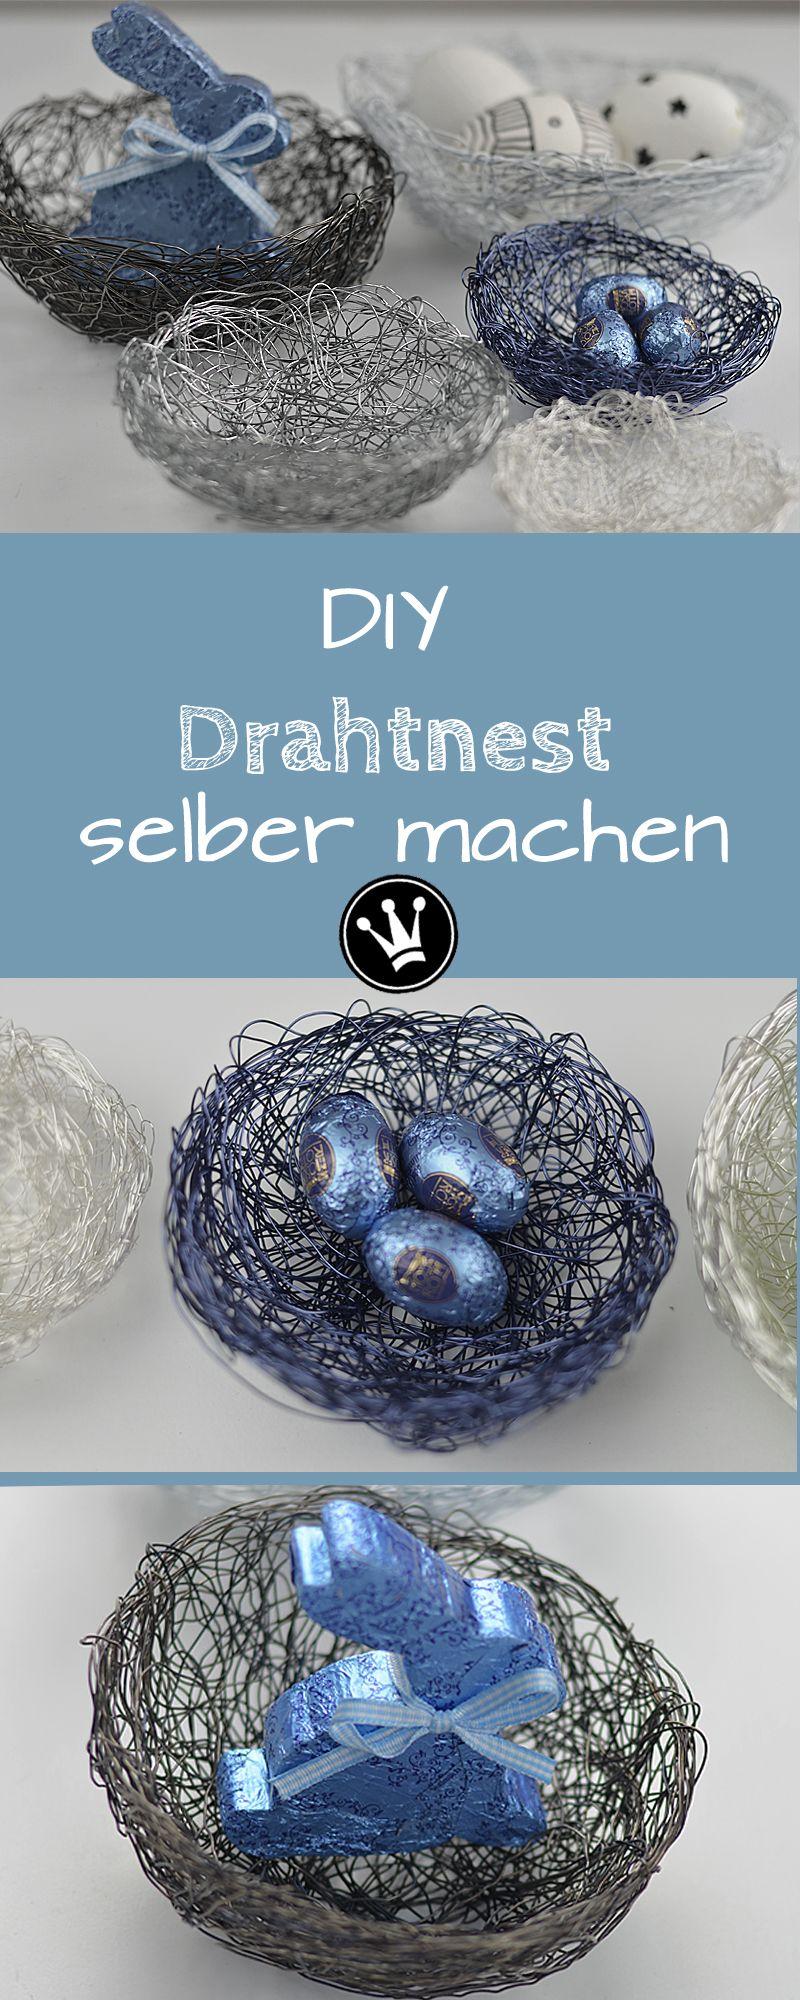 diy osterdeko selbermachen diese s nest schale aus draht selber zu machen geht ganz einfach. Black Bedroom Furniture Sets. Home Design Ideas